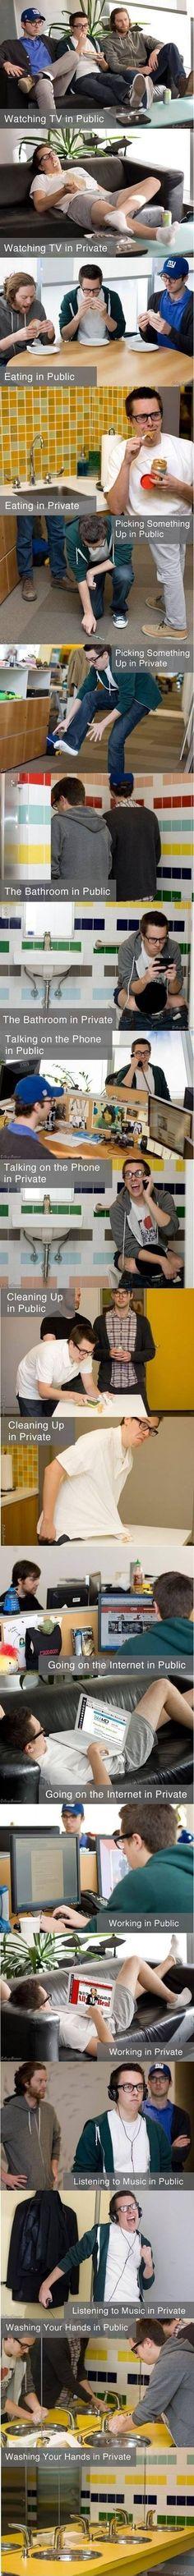 Private vs. Public.